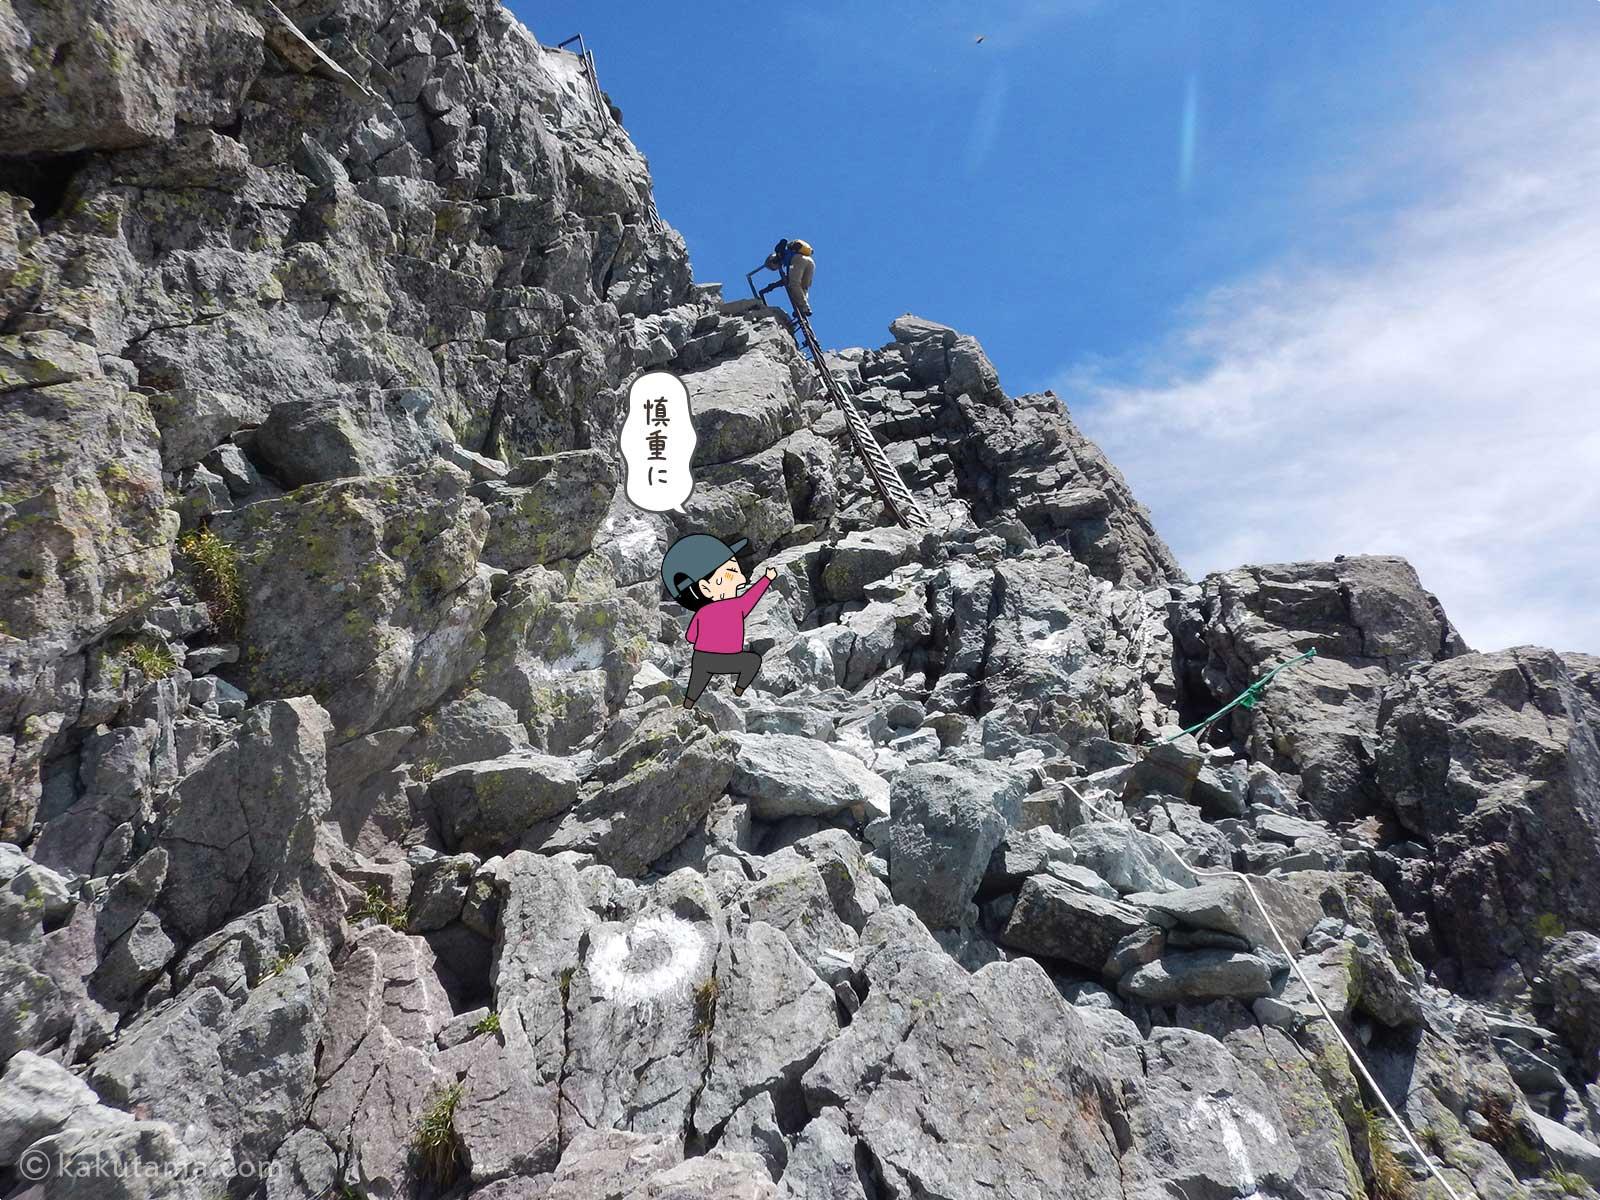 槍ヶ岳の岩場を登っていく4